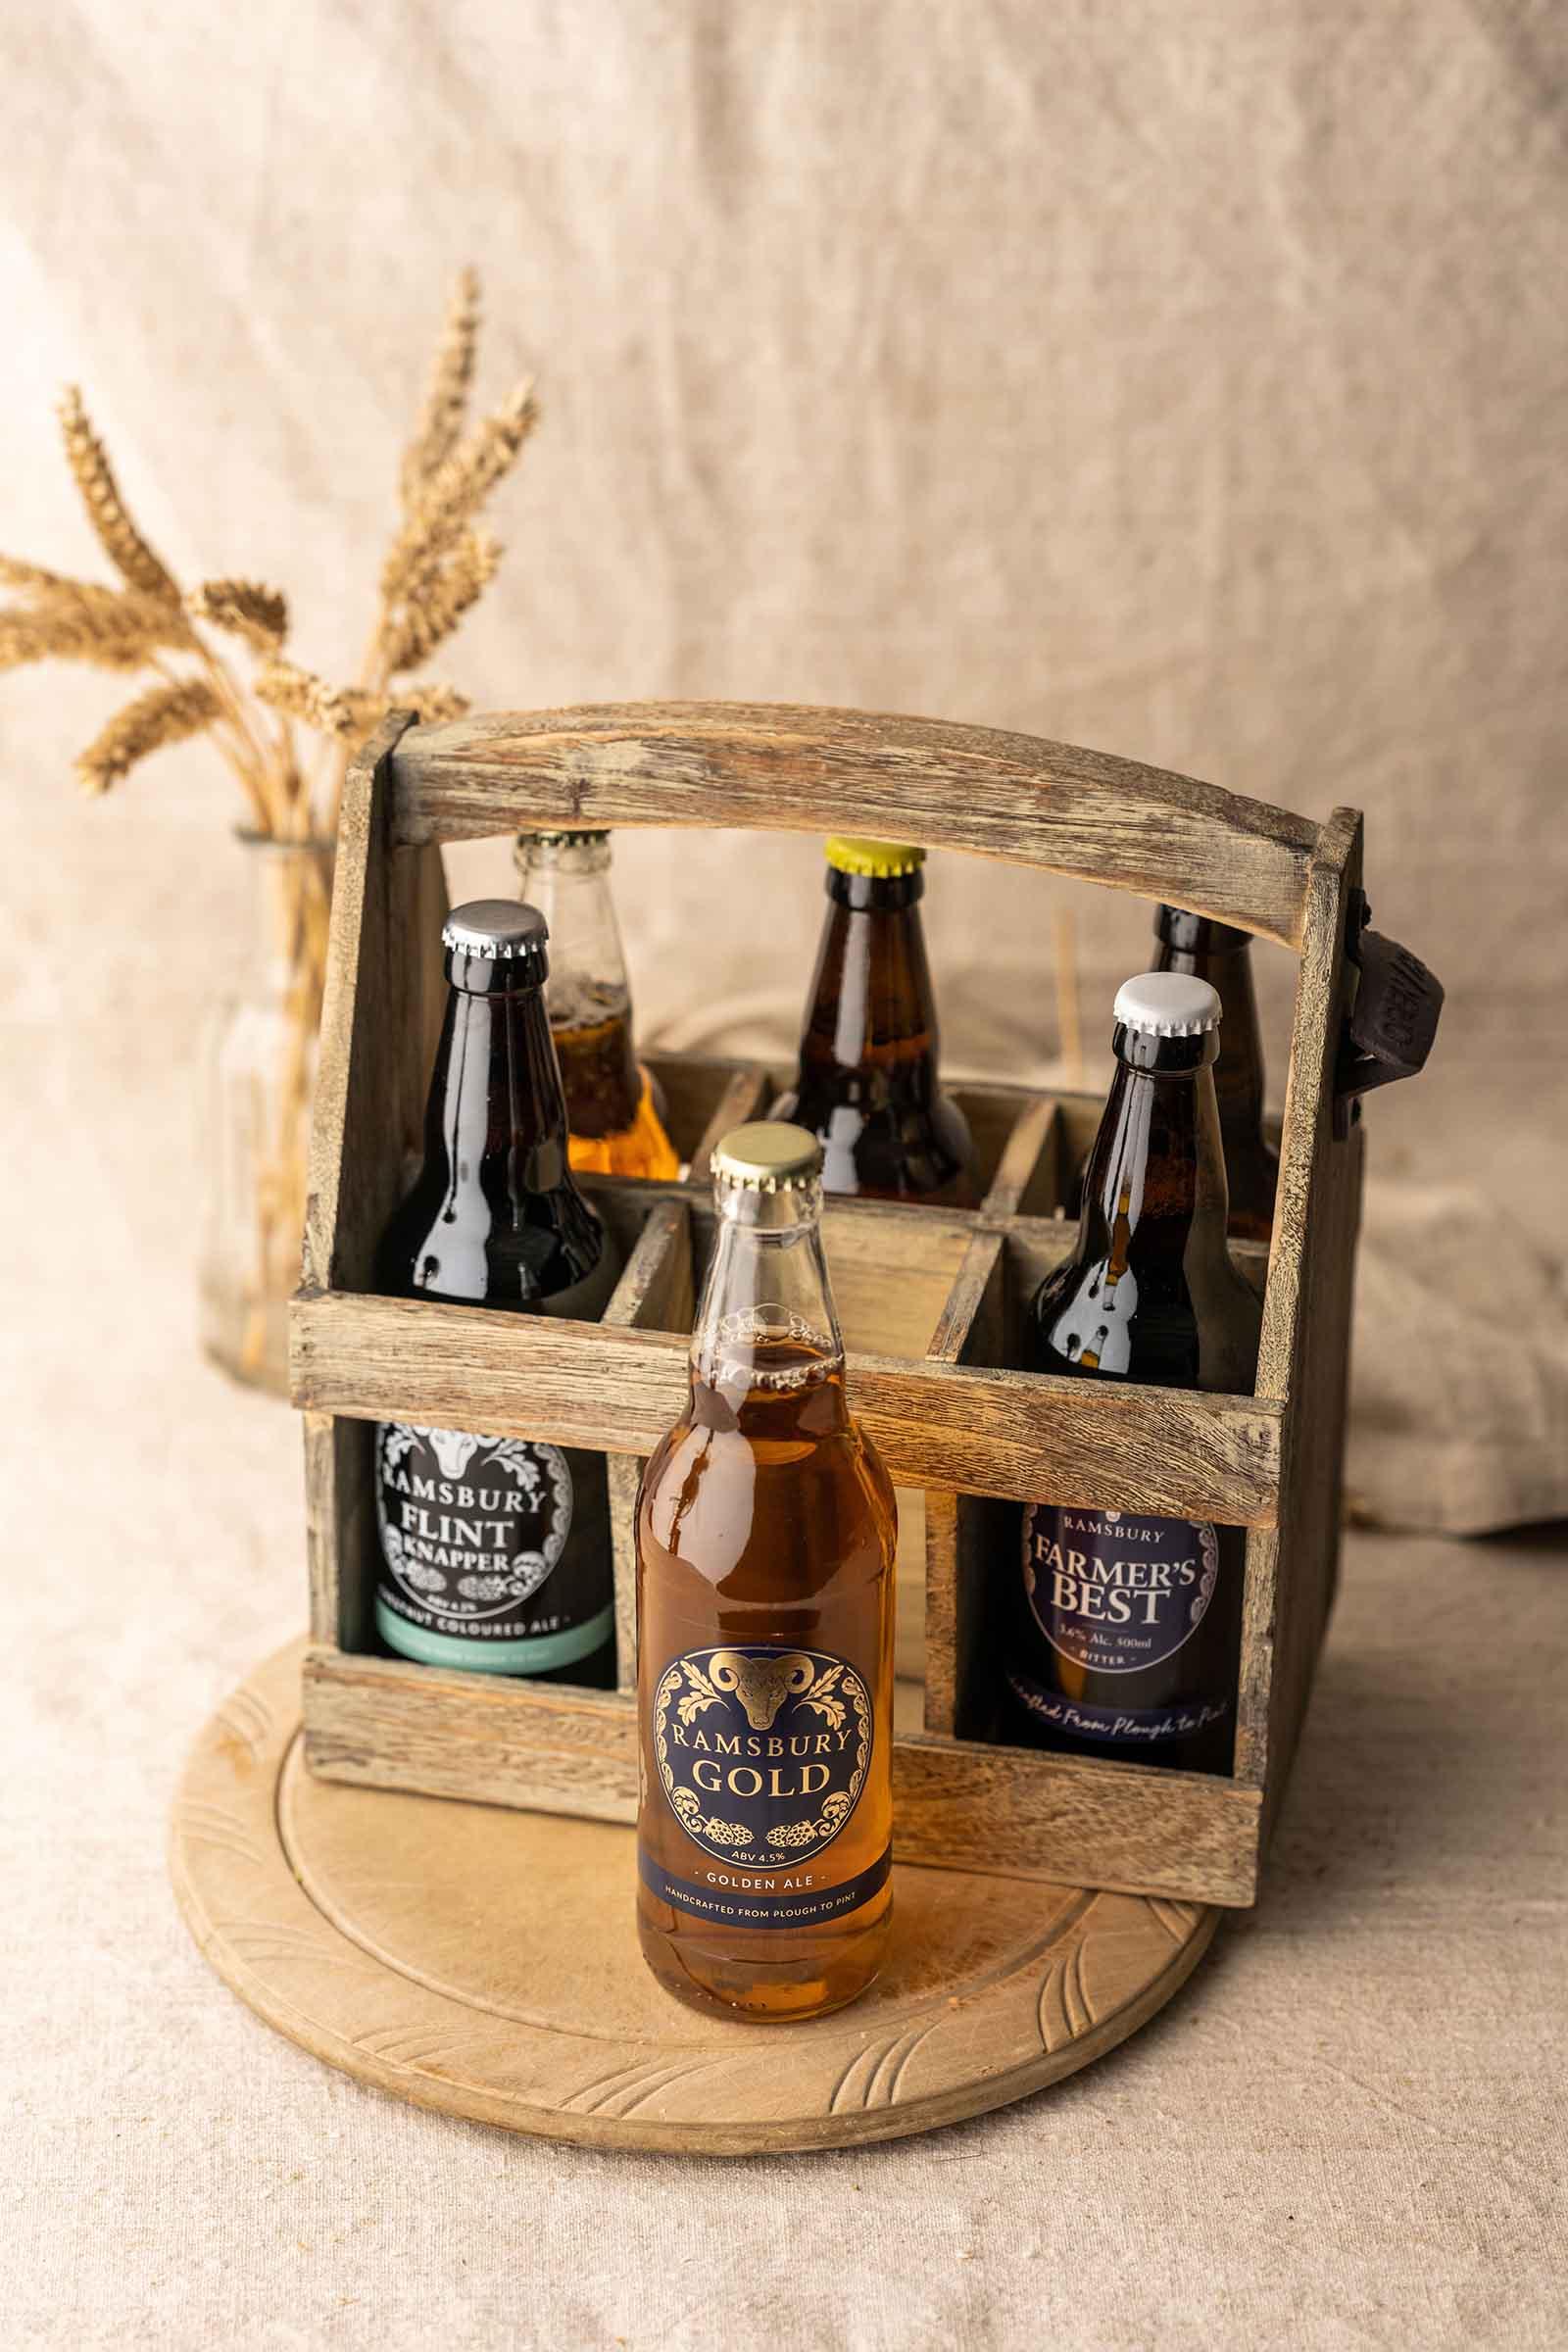 Beer Crate with Bottle Opener